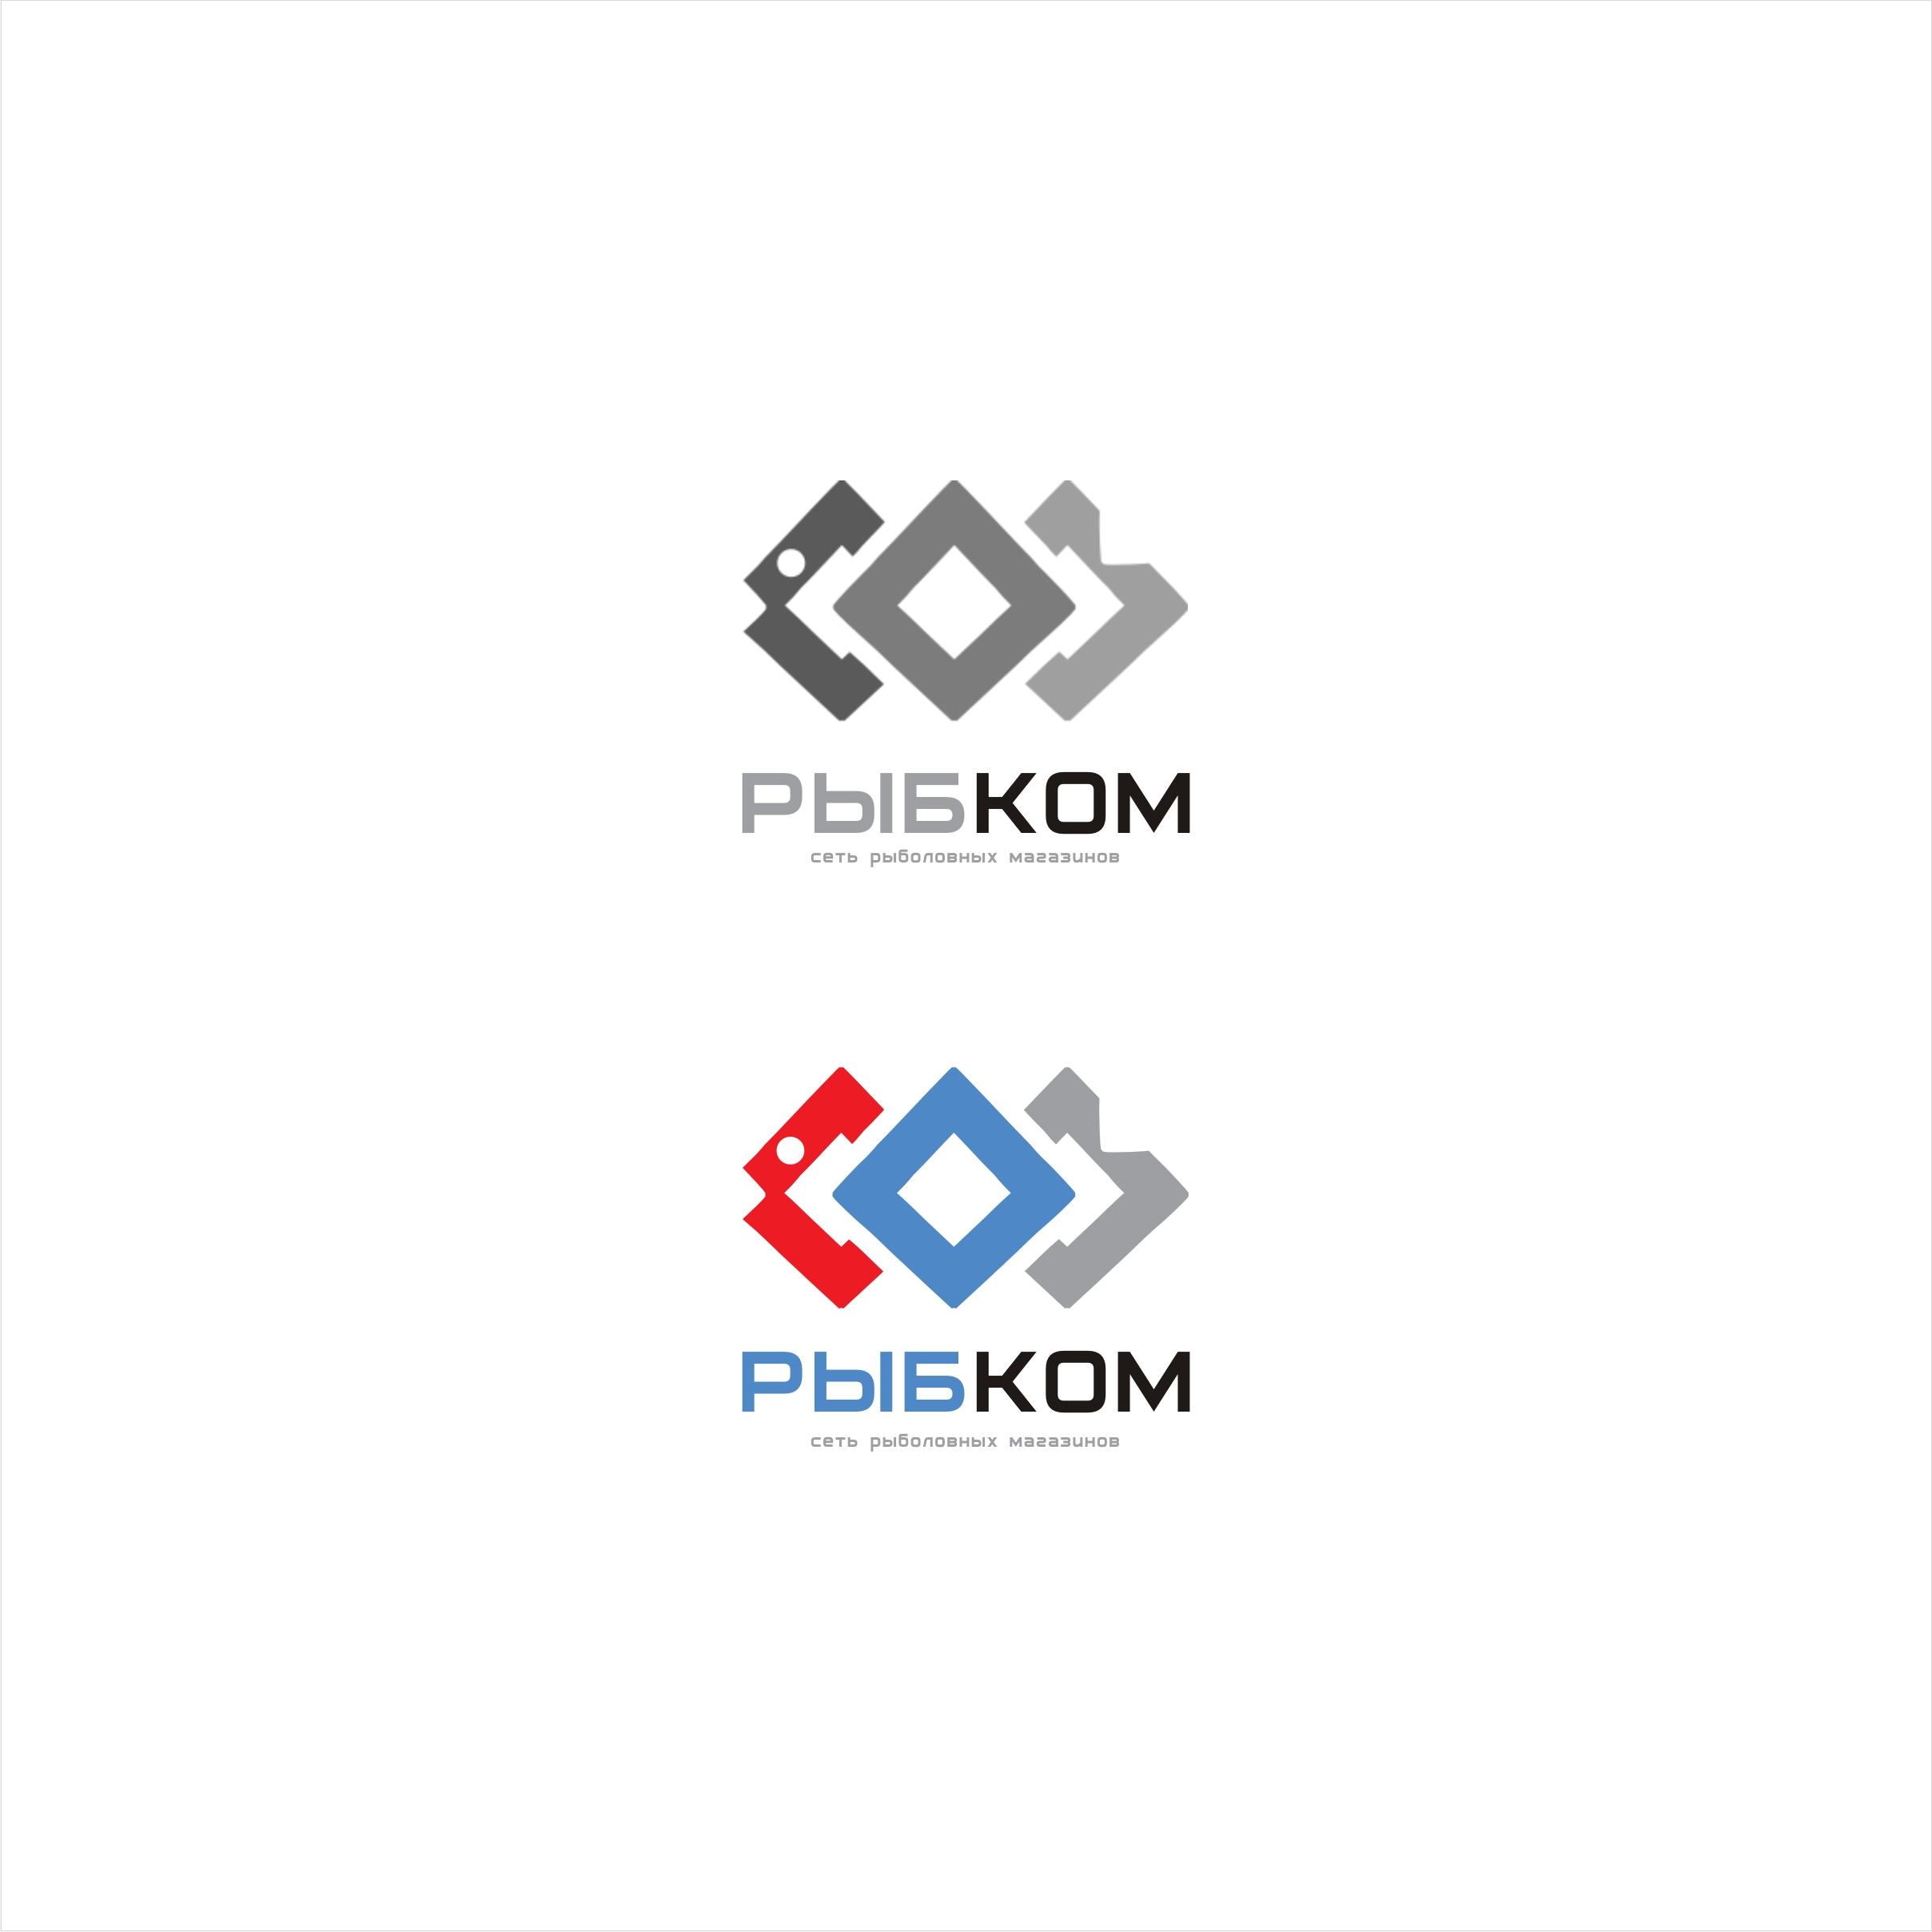 Создание логотипа и брэндбука для компании РЫБКОМ фото f_5255c11e522ca5f9.jpg